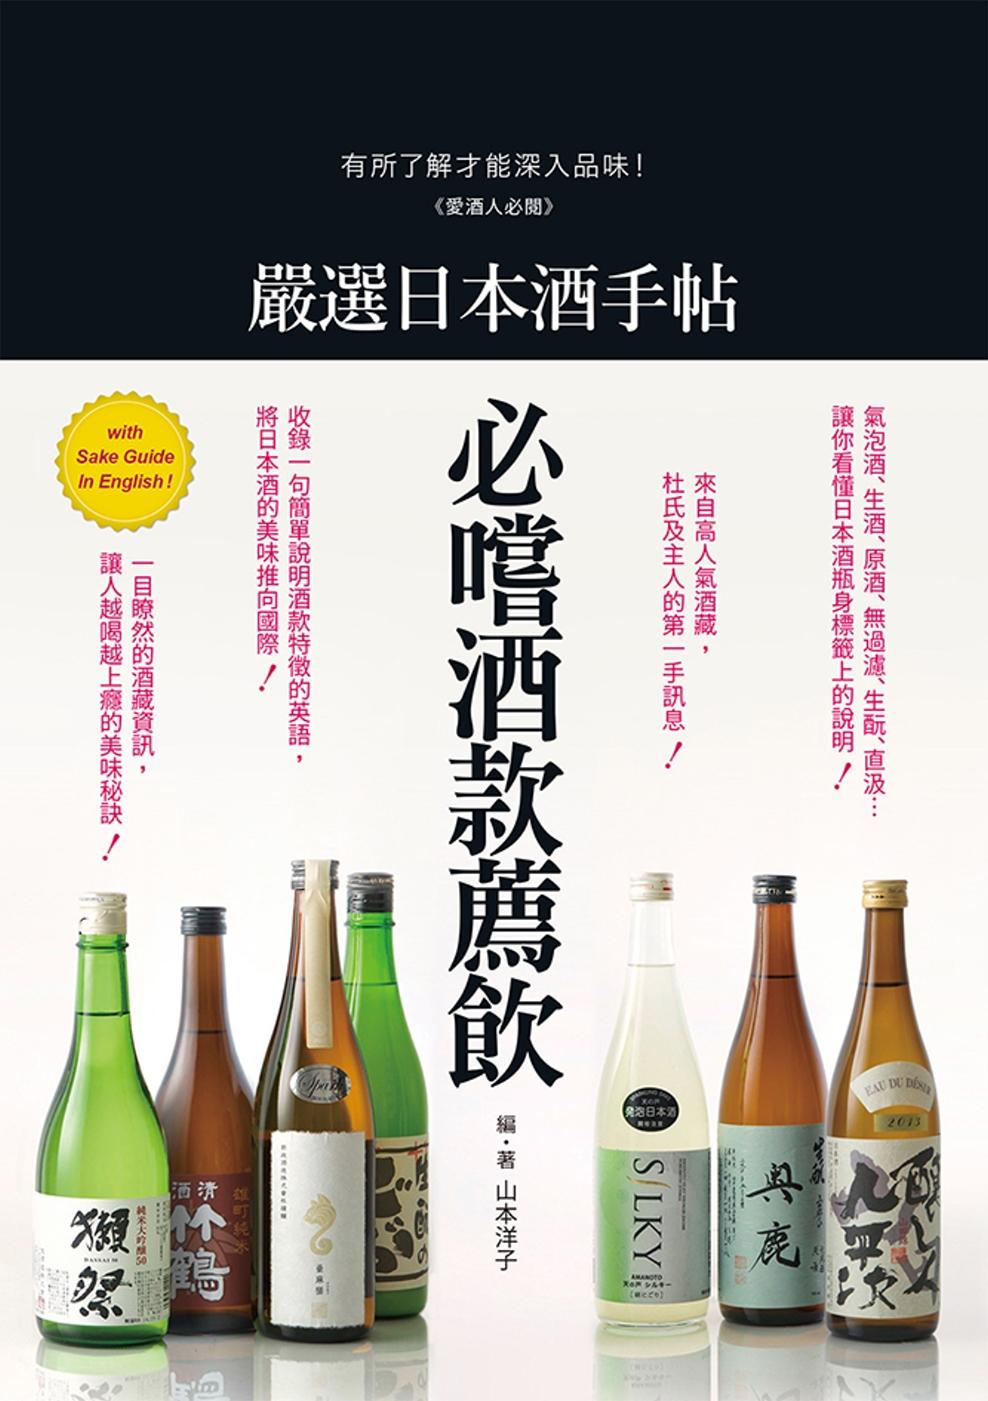 ◤博客來BOOKS◢ 暢銷書榜《推薦》嚴選日本酒手帖:愛酒人必閱!有所了解才能深入品味